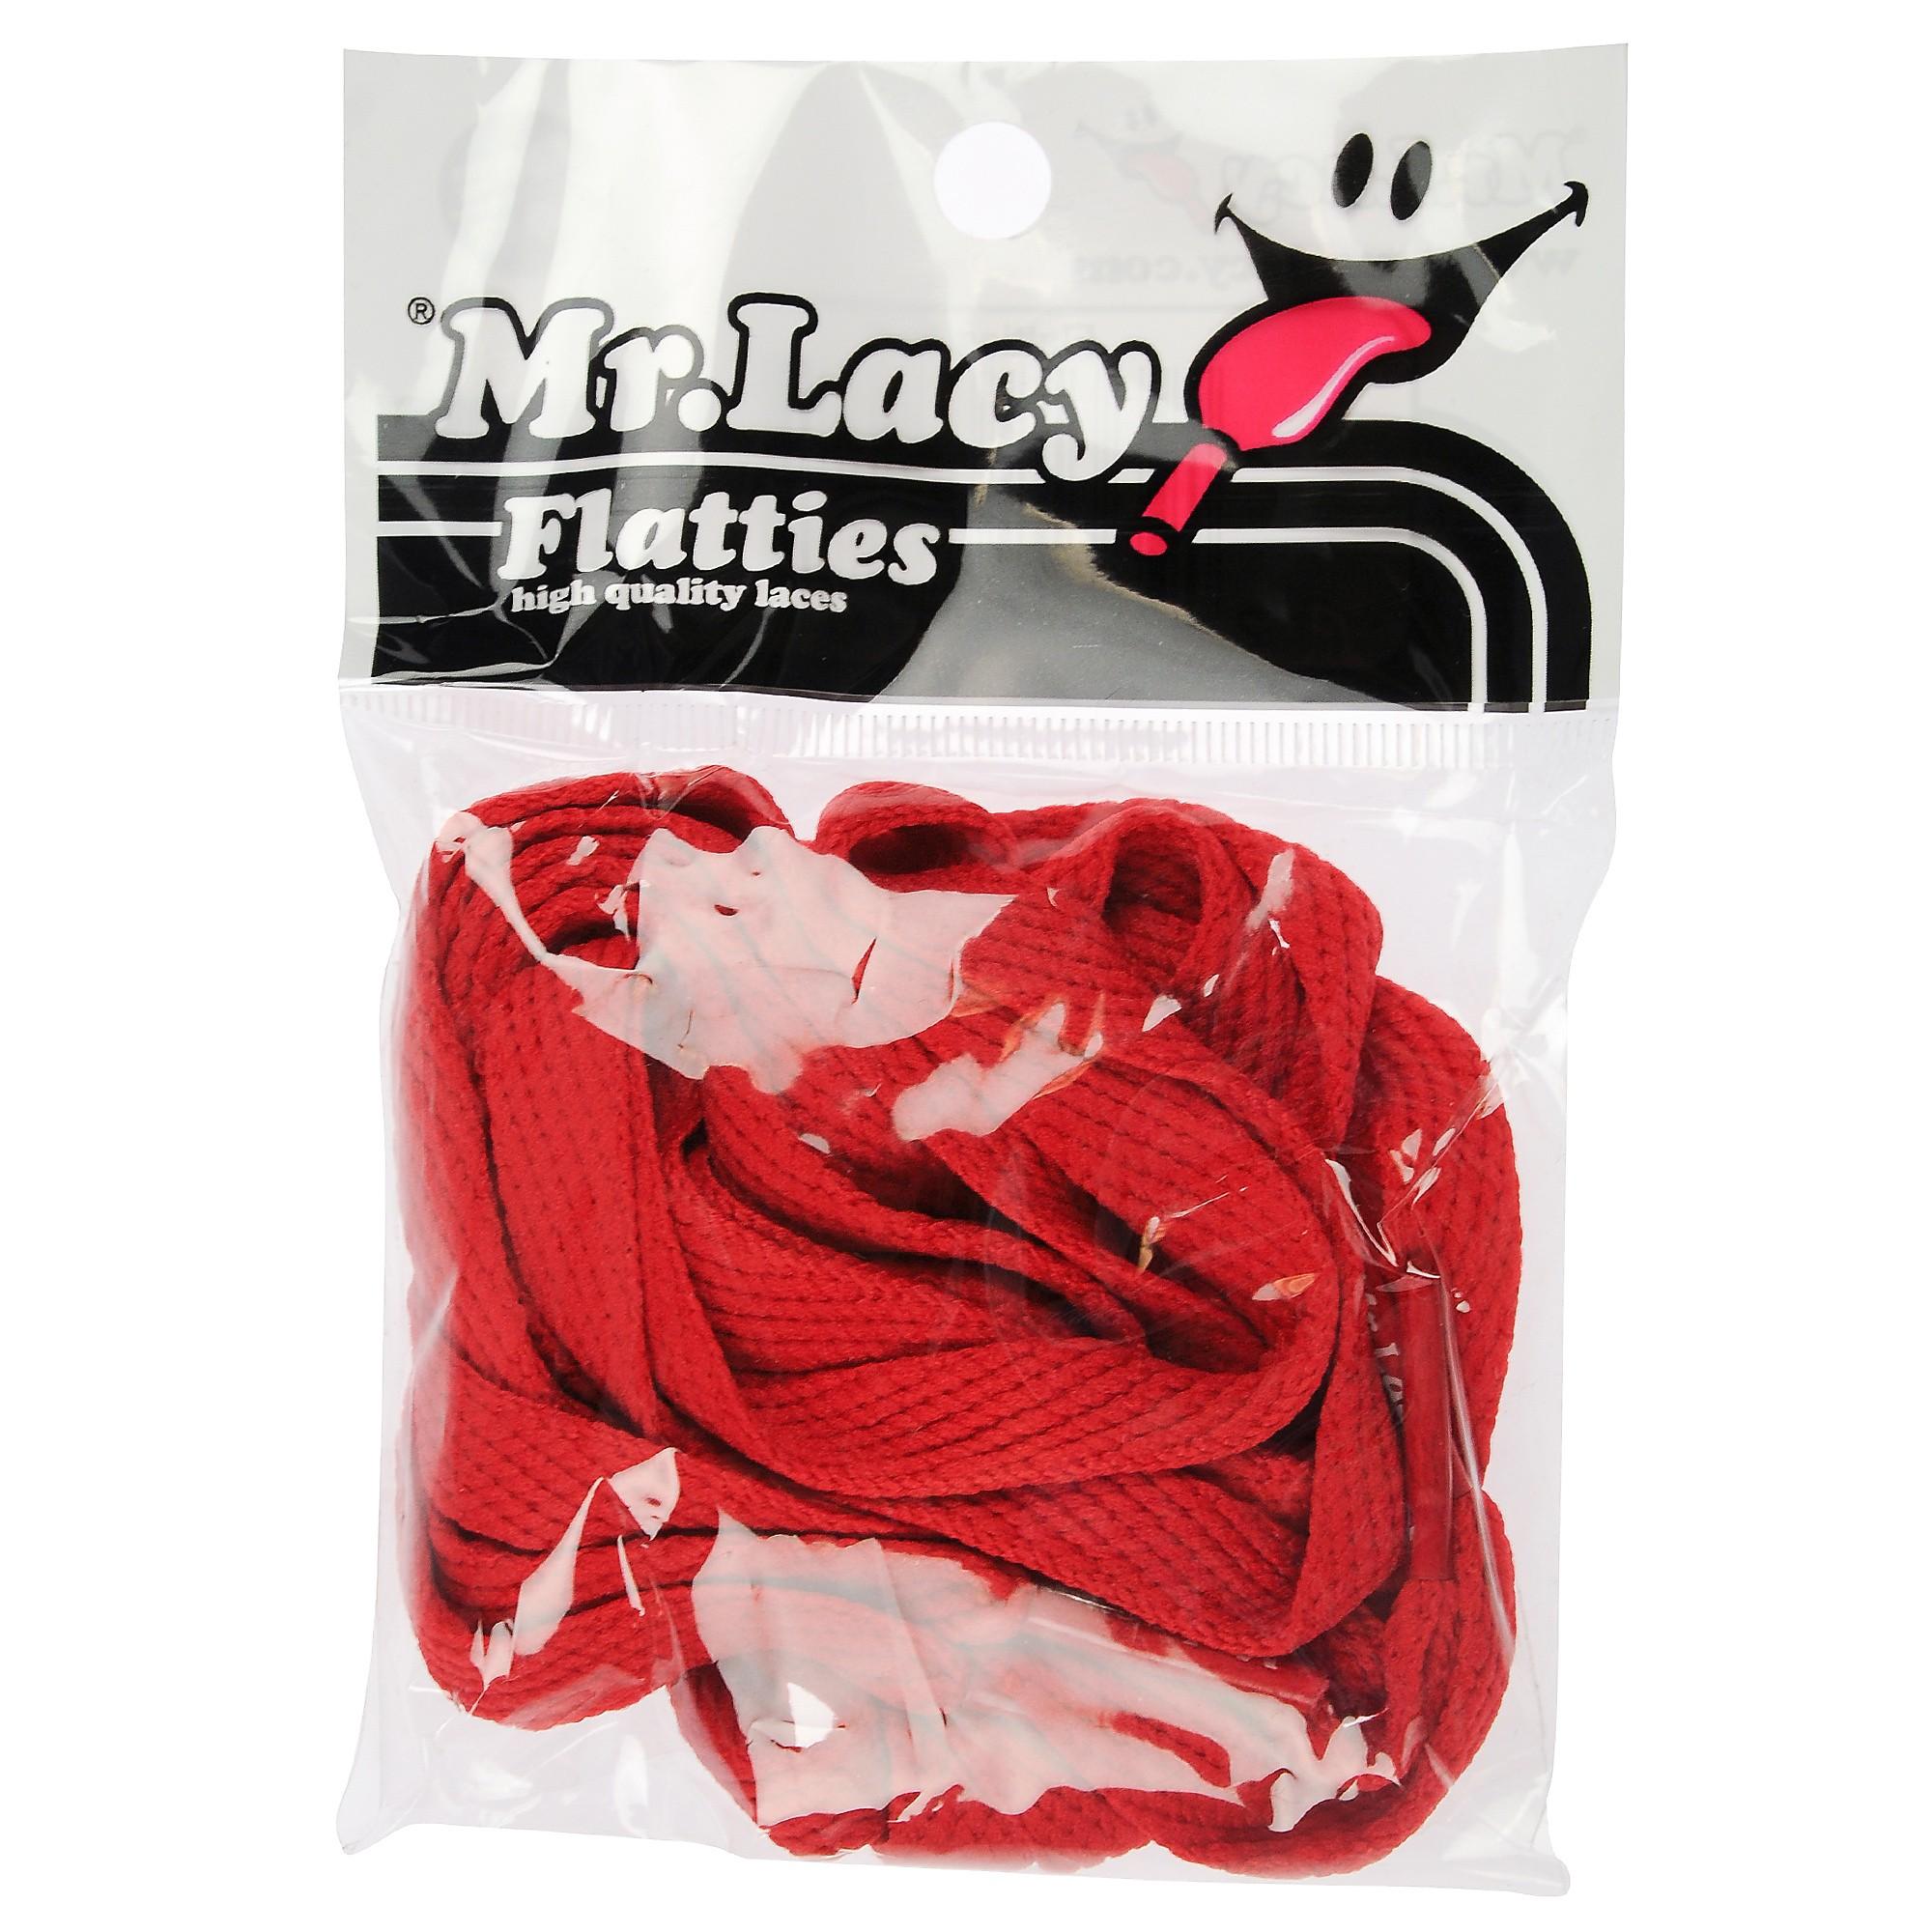 Mr Lacy Flattie Laces